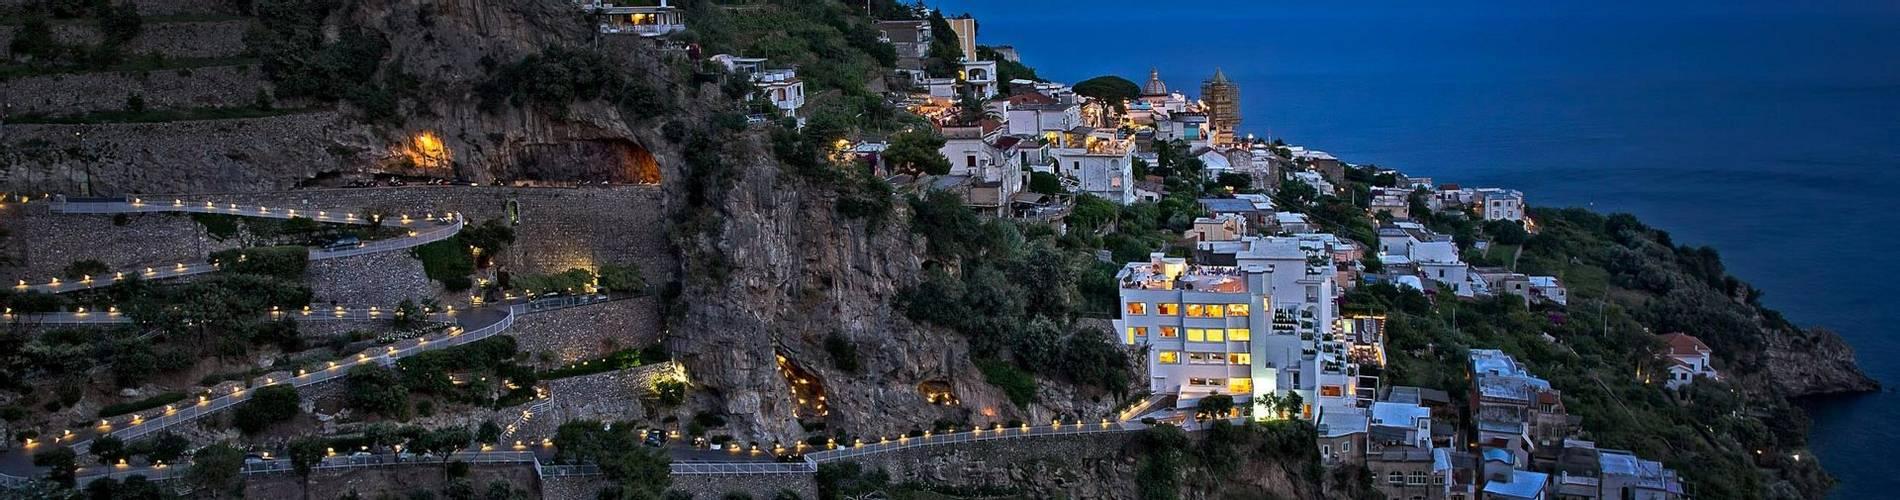 Casa Angelina, Amalfi Coast, Italy (88).jpg